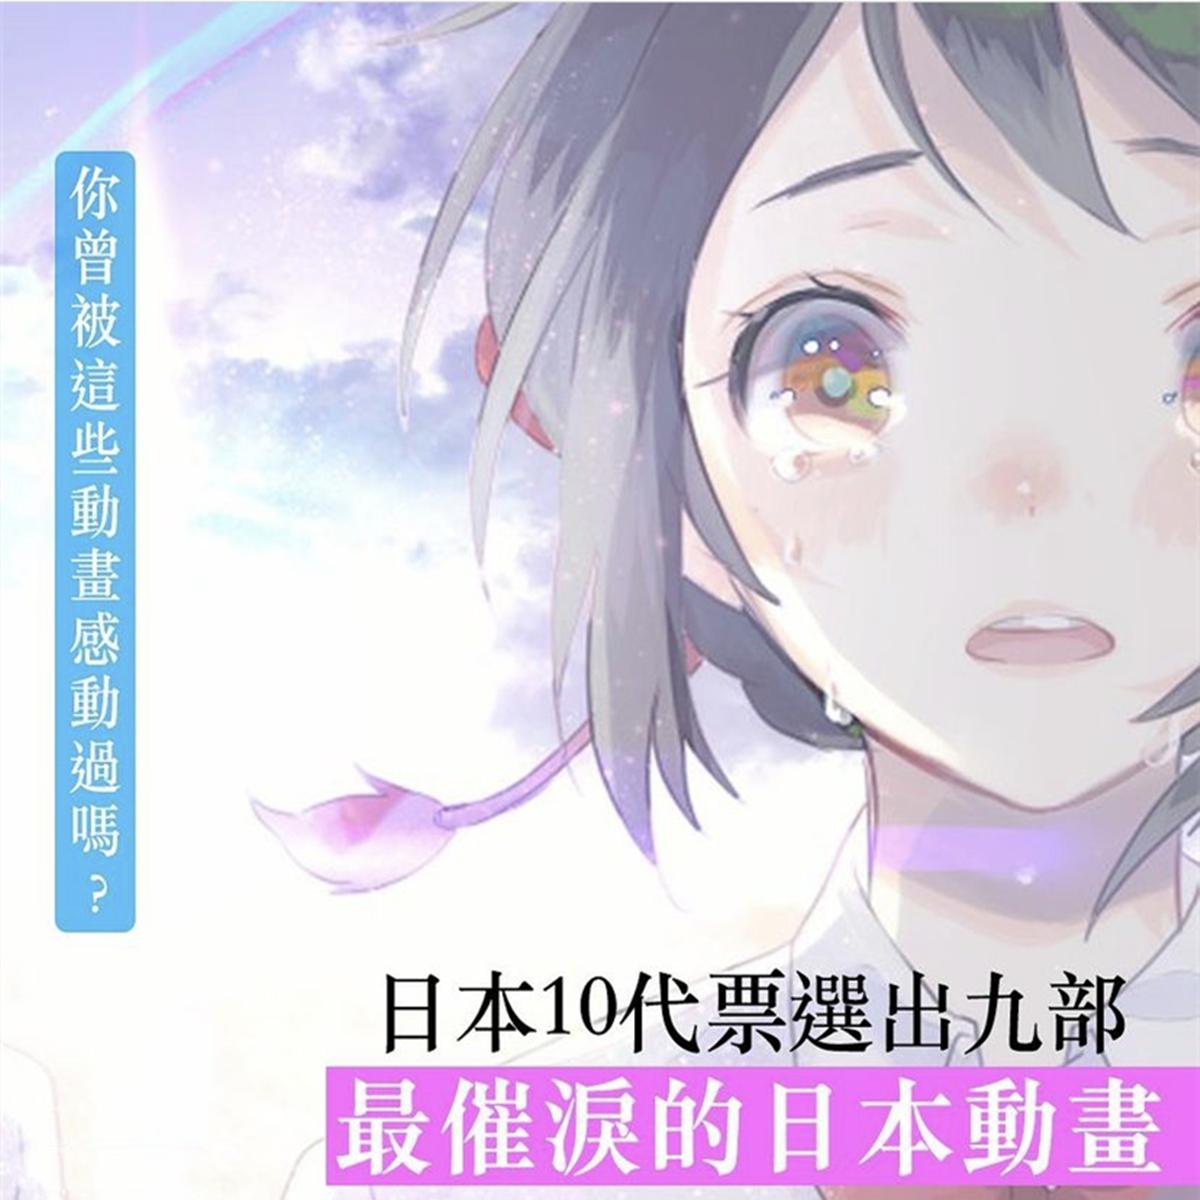 日本10后票选出九大催泪动漫,第一名又是鬼灭当选